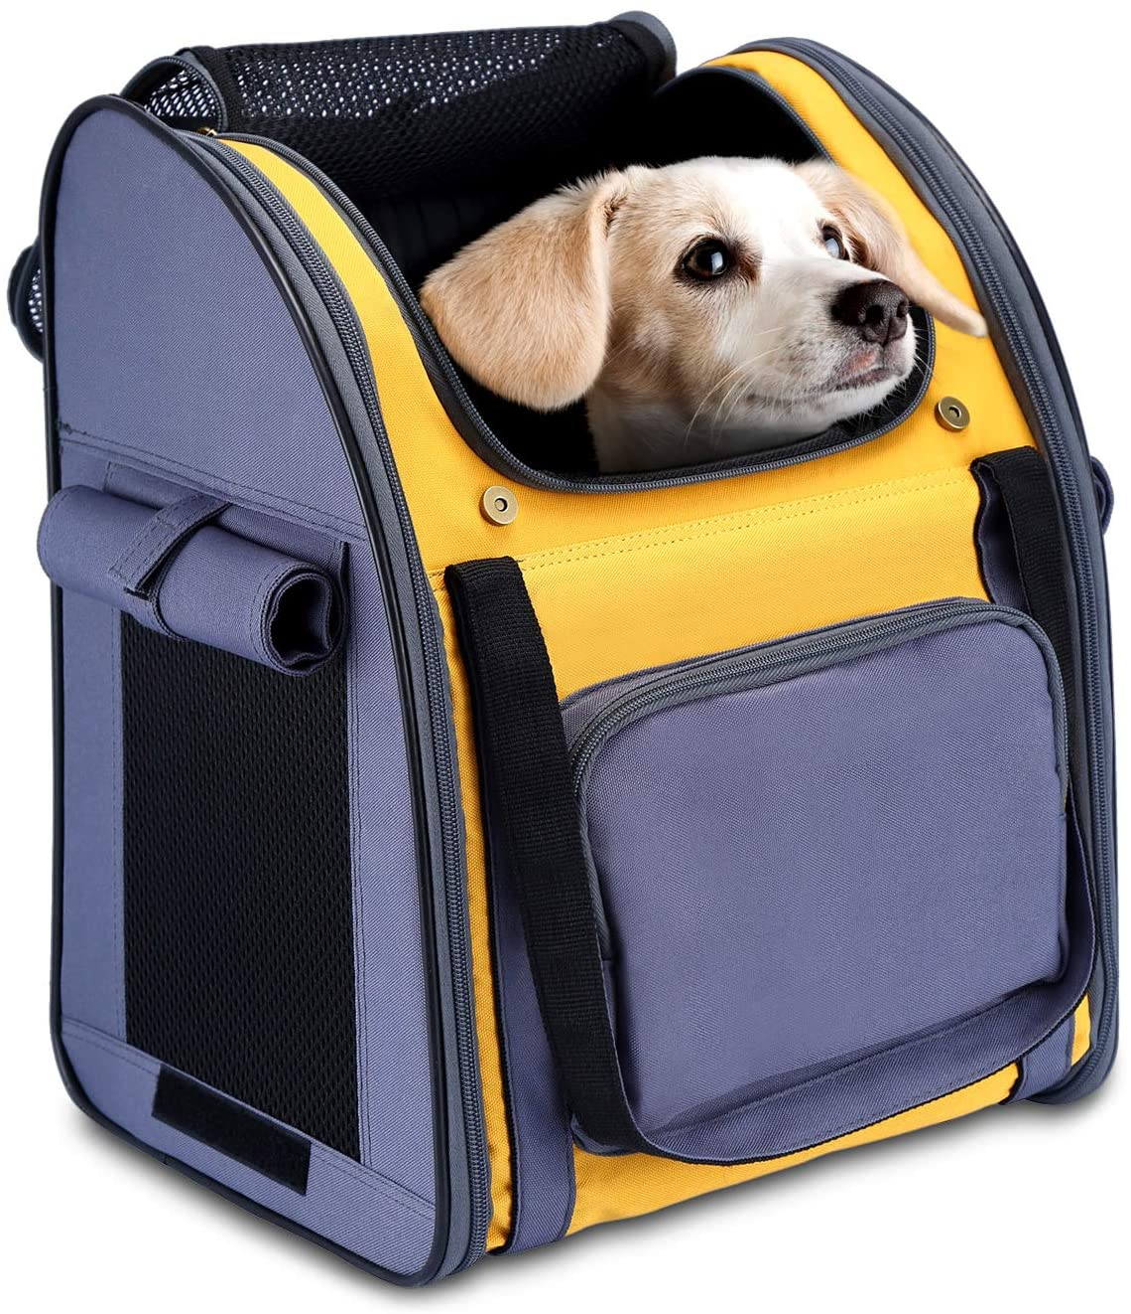 HAPPY HACHI Mochila Plegable para Perros Pequeños Portabebés Suave con Múltiples Tiendas de Transporte para Gatos Pequeños para Viajes en Avión (34x26x40cm, Gris Amarillo)